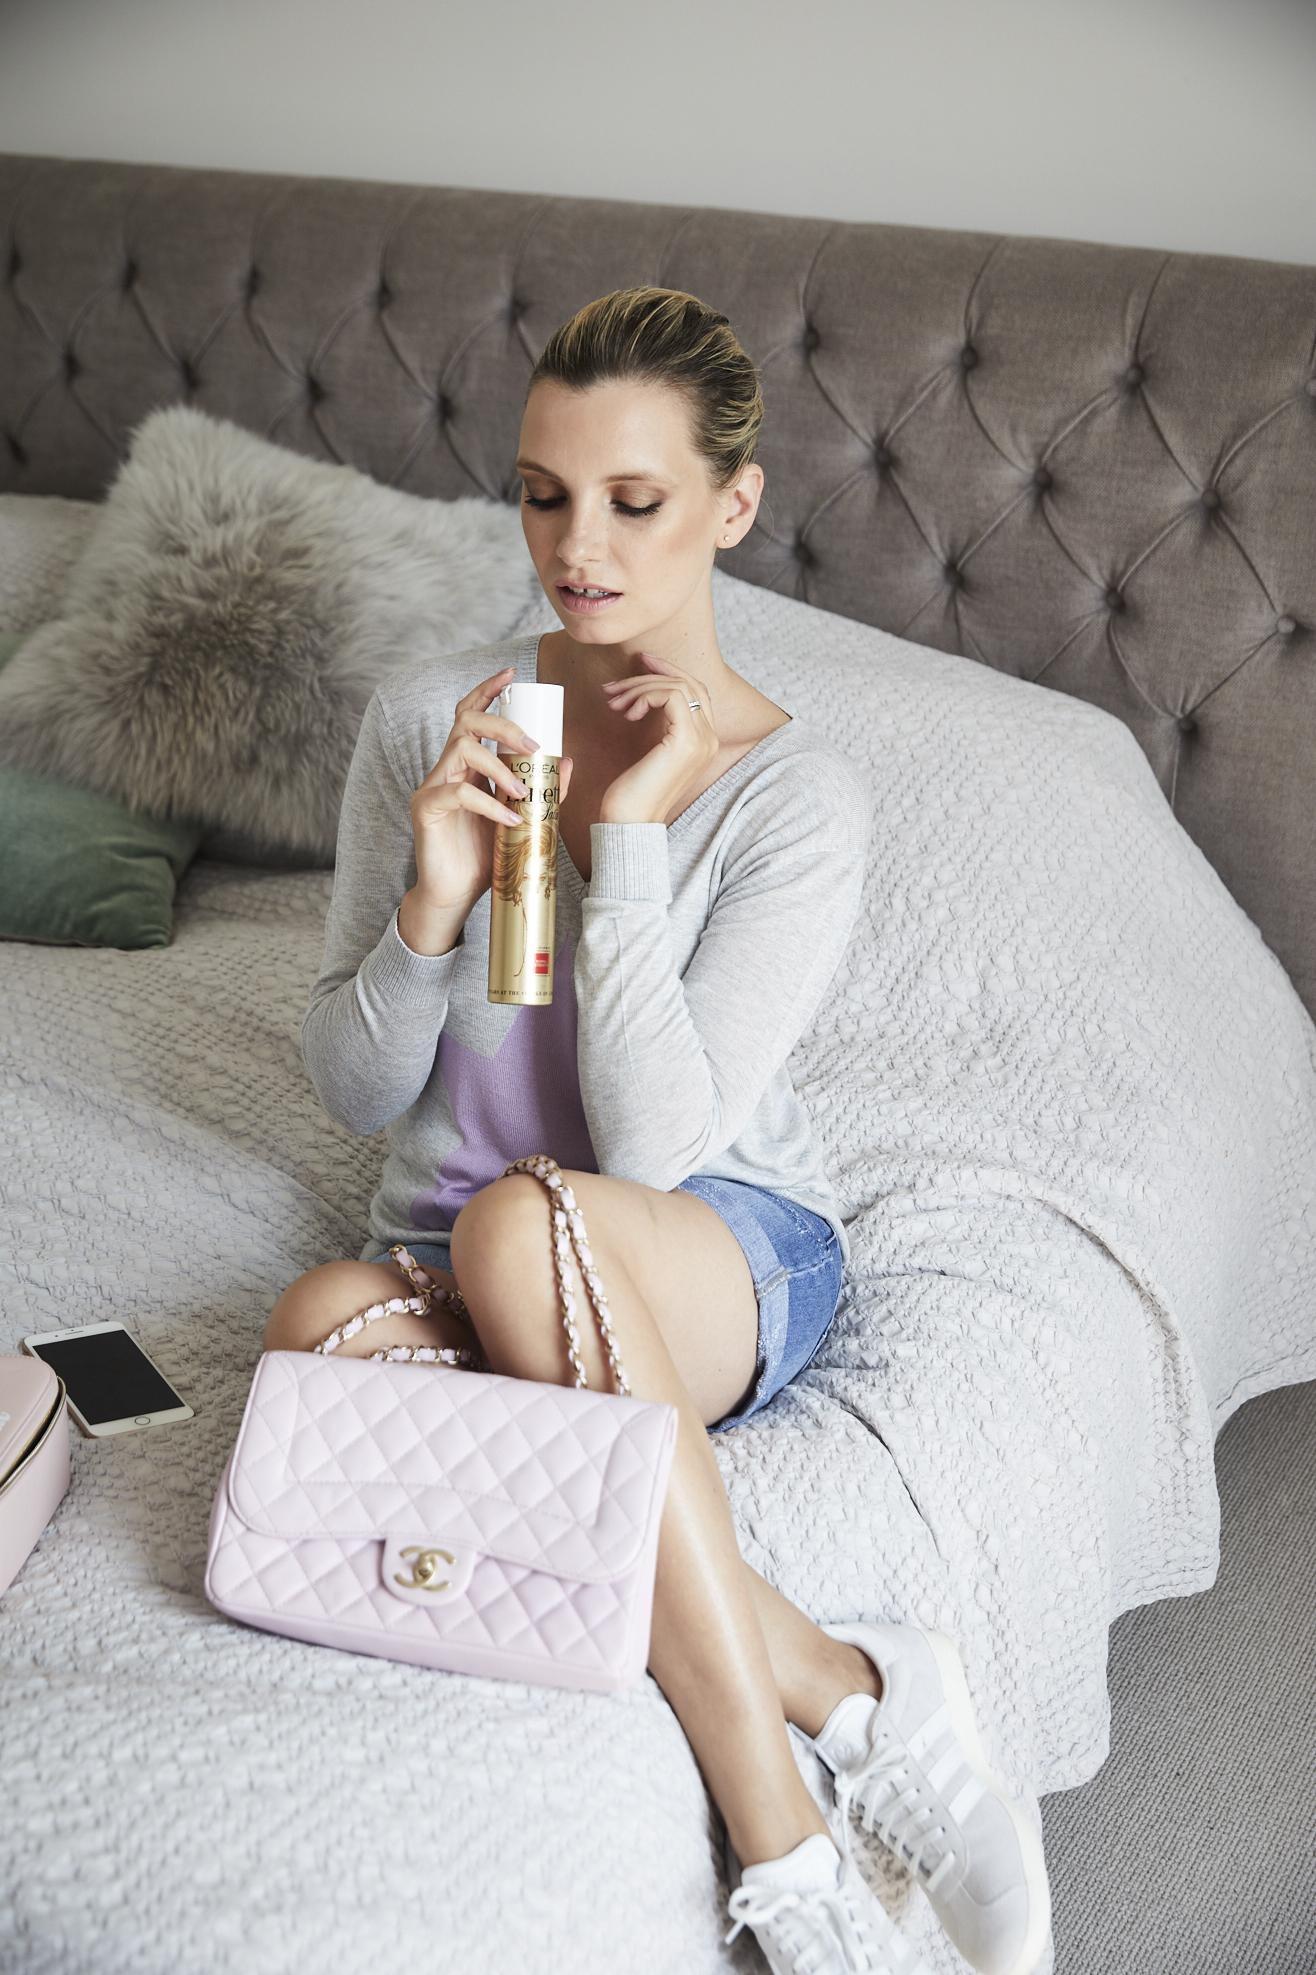 pink chanel handbag and elnett